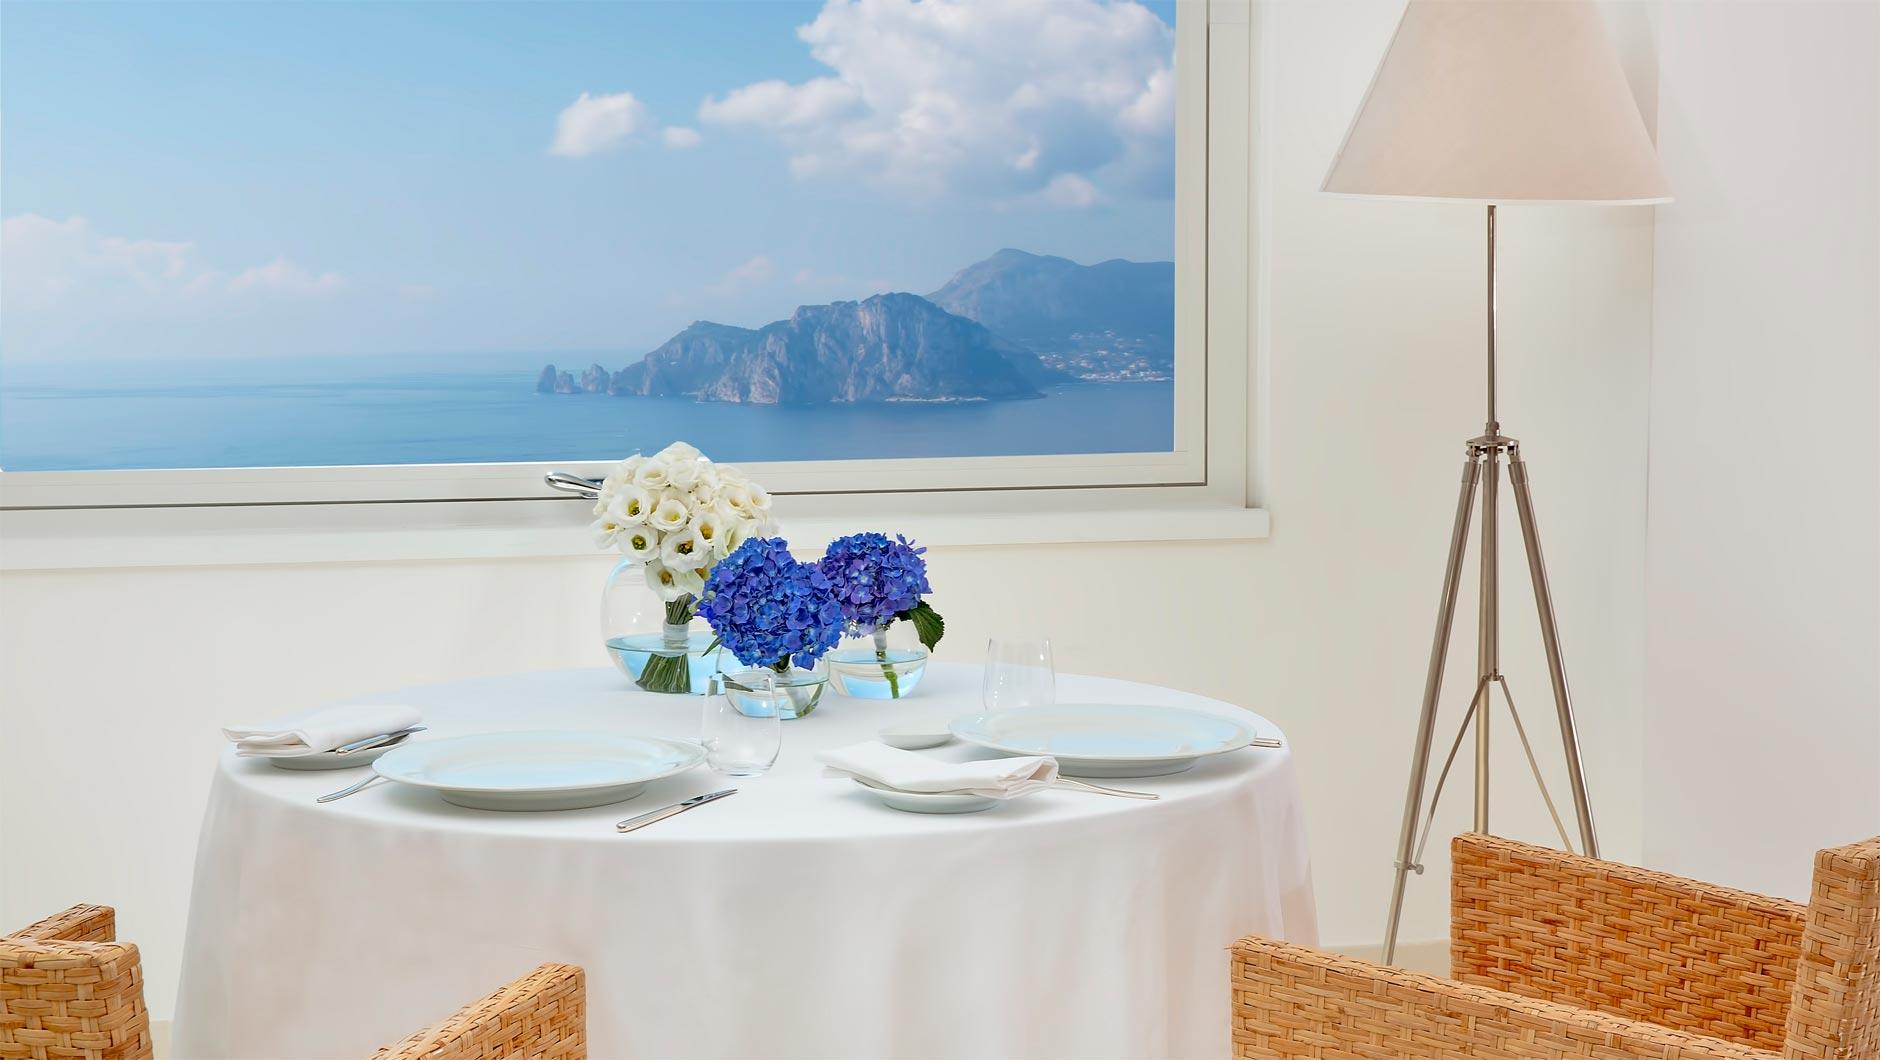 Well Travelled Bride Sorrento Honeymoon Dinning Realis Blu.jpg